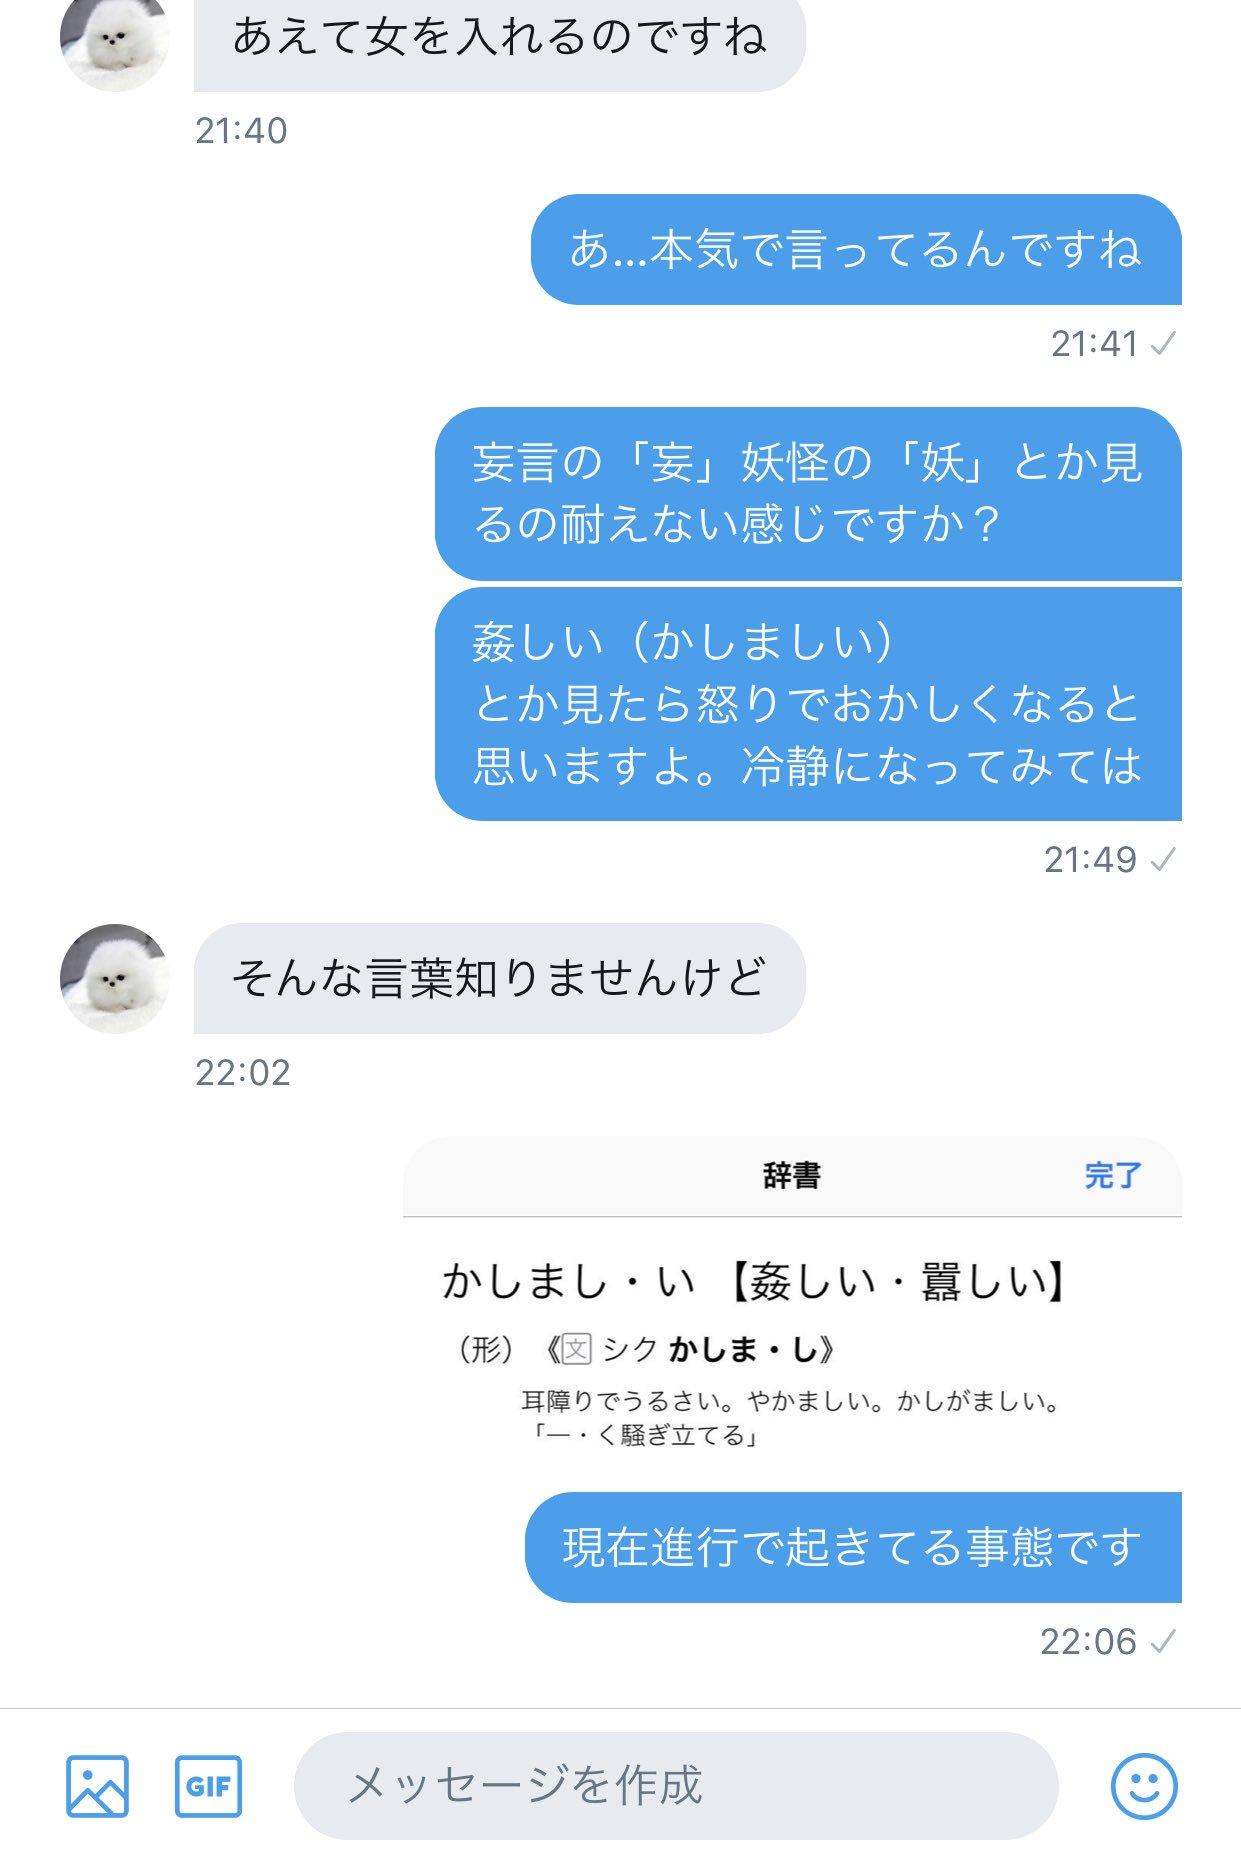 タピオカの創作漢字にいちゃもんがwwwしかし見事なオチがついたwww